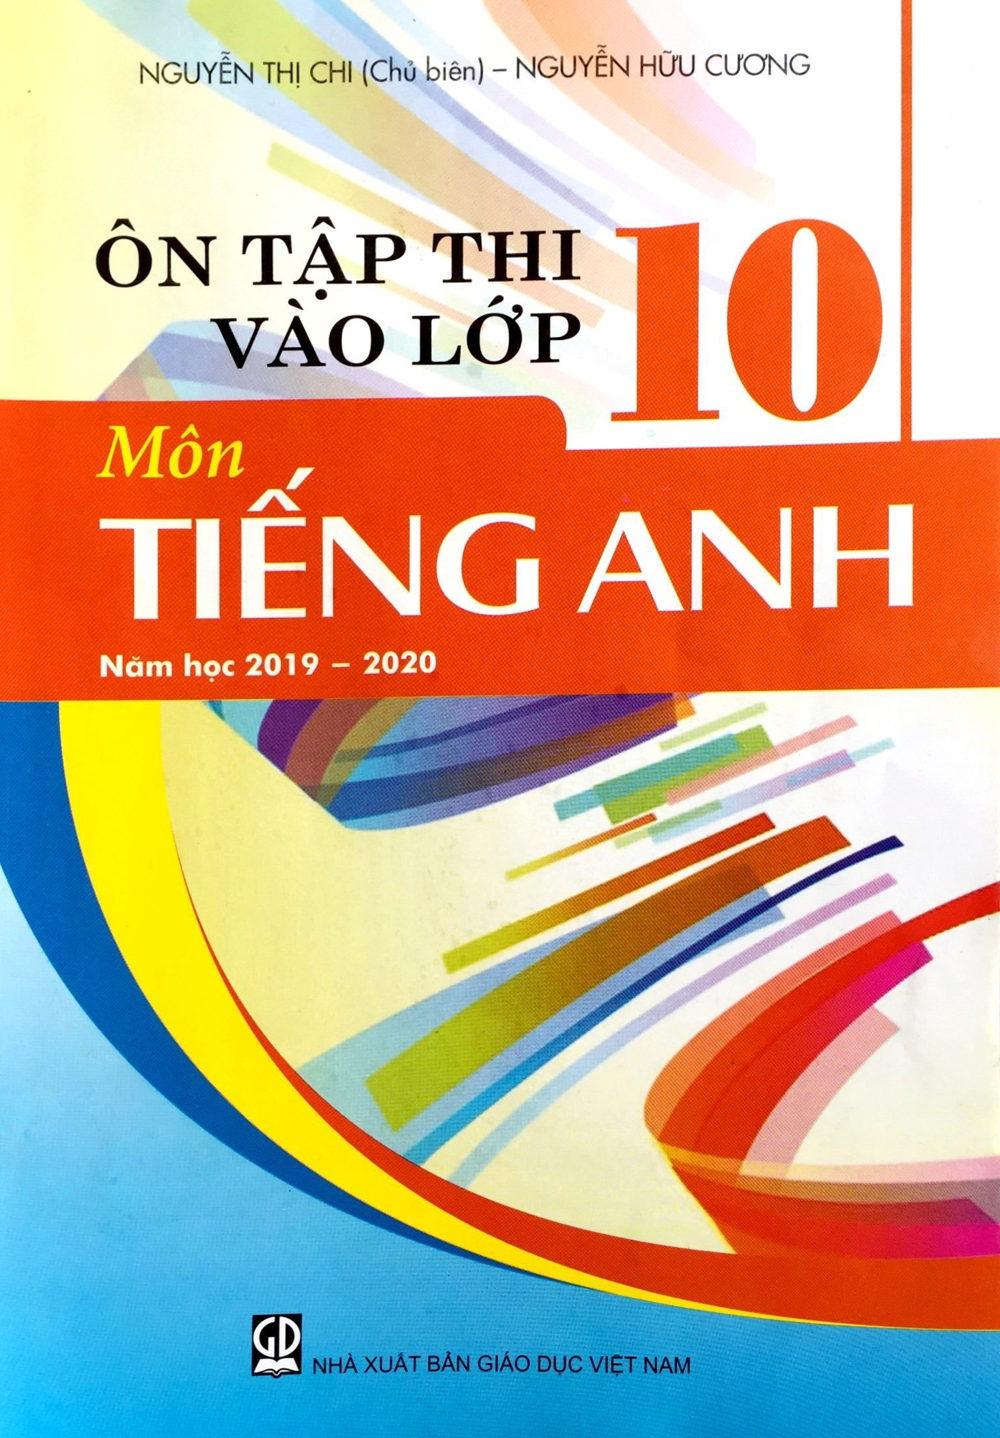 [FREE] Ôn thi vào lớp 10 môn tiếng anh năm học 2019-2020- Nguyễn Thị Chi (file word)